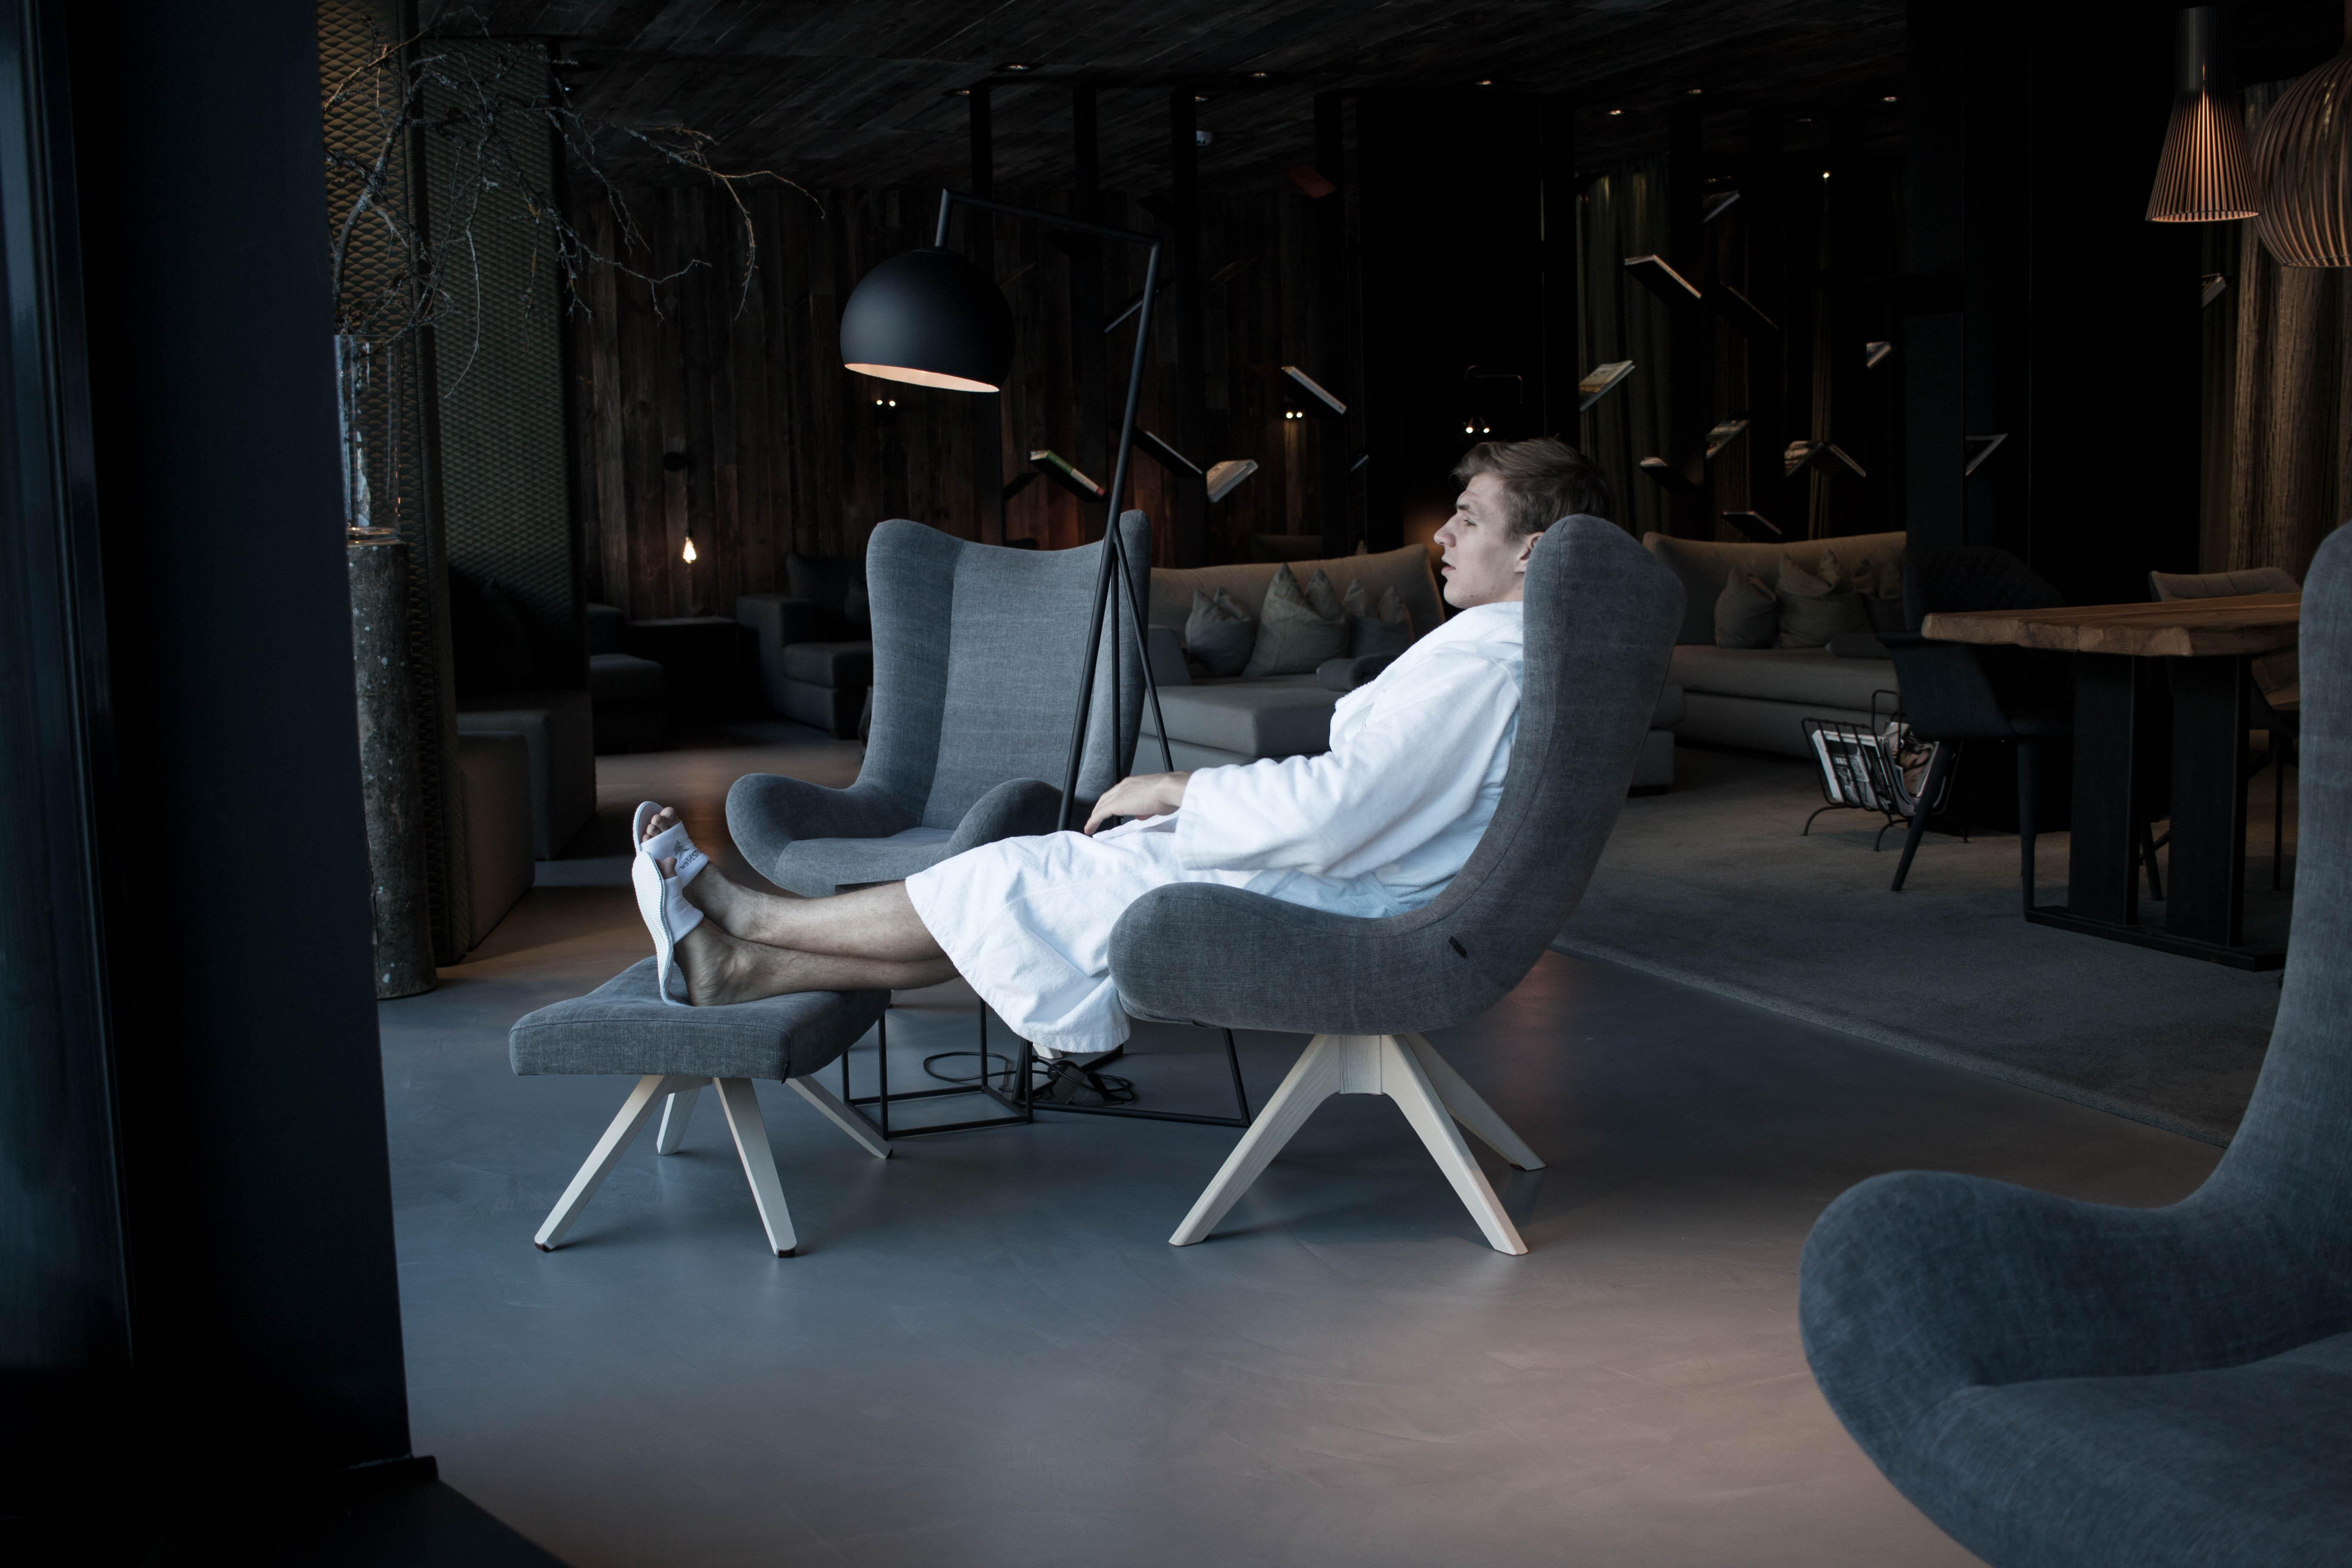 naturhotel-forsthofgut-annalaurakummer-hotel-review-4